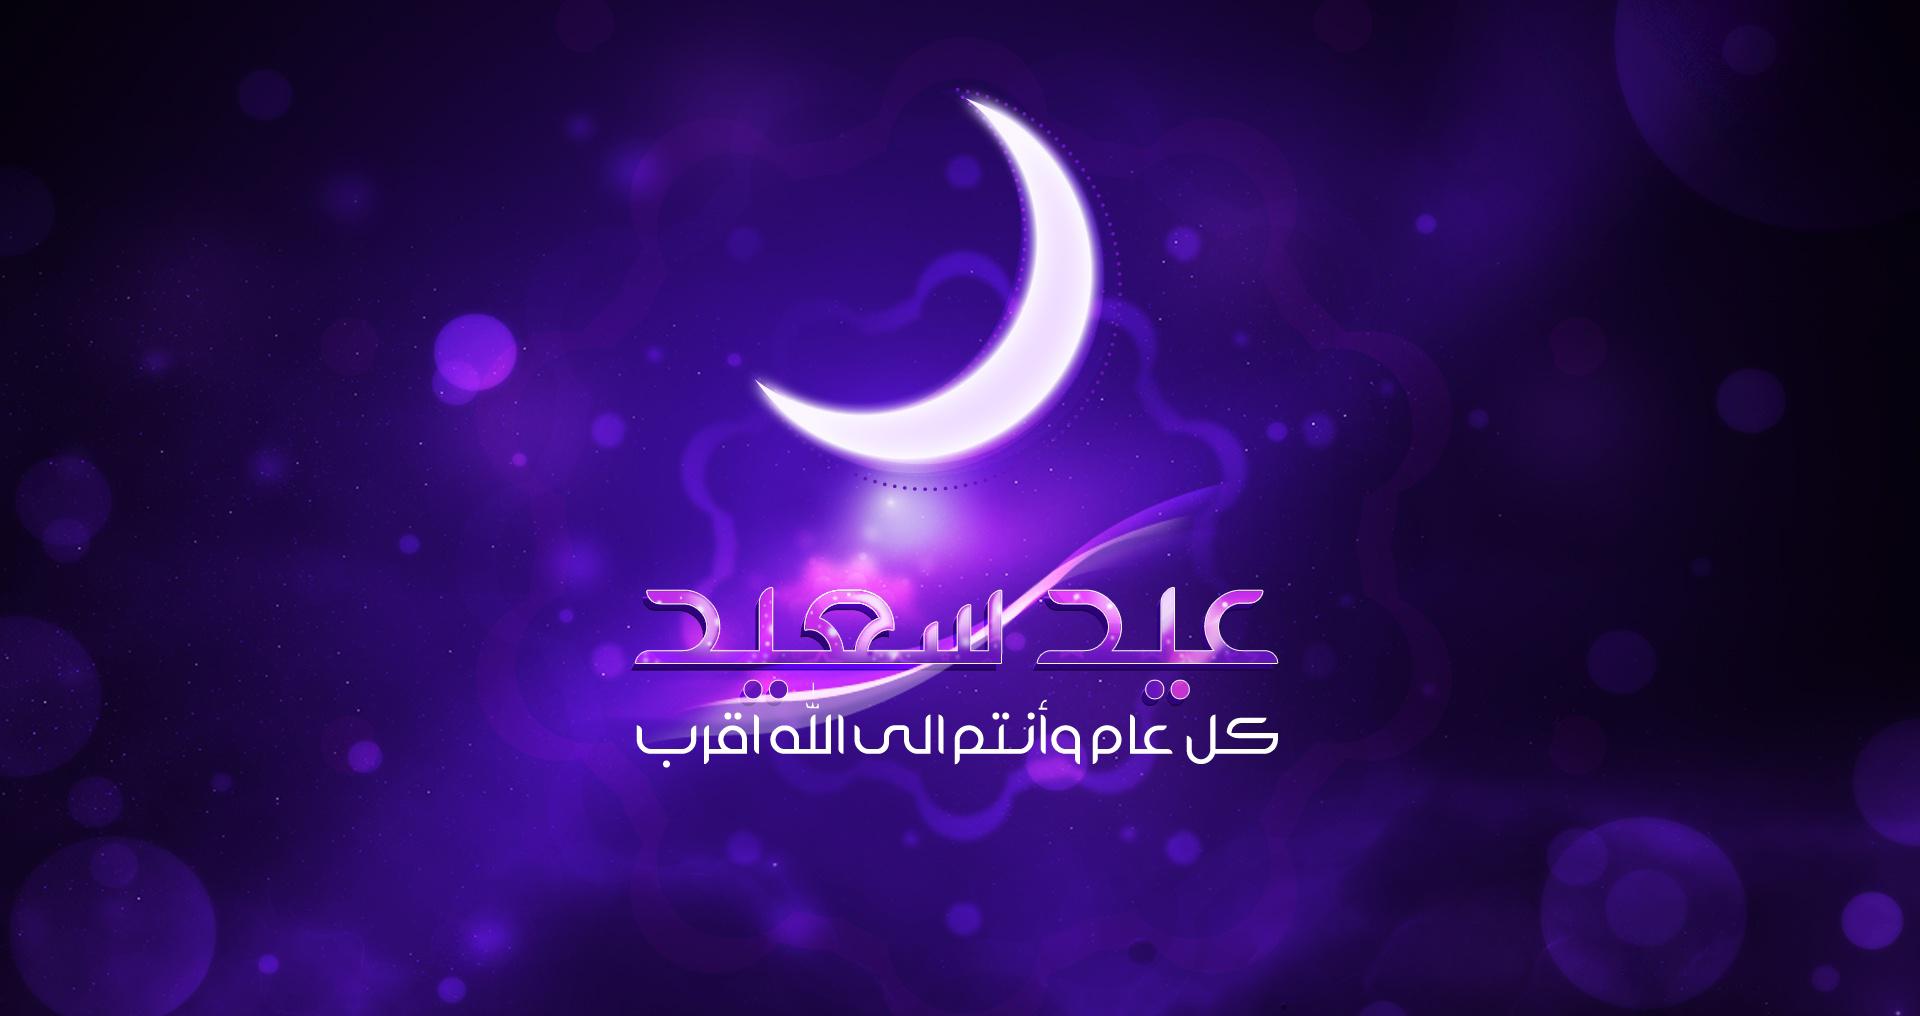 بالصور صور متحركه للعيد , اروع الصور المتحركة للعيد 1027